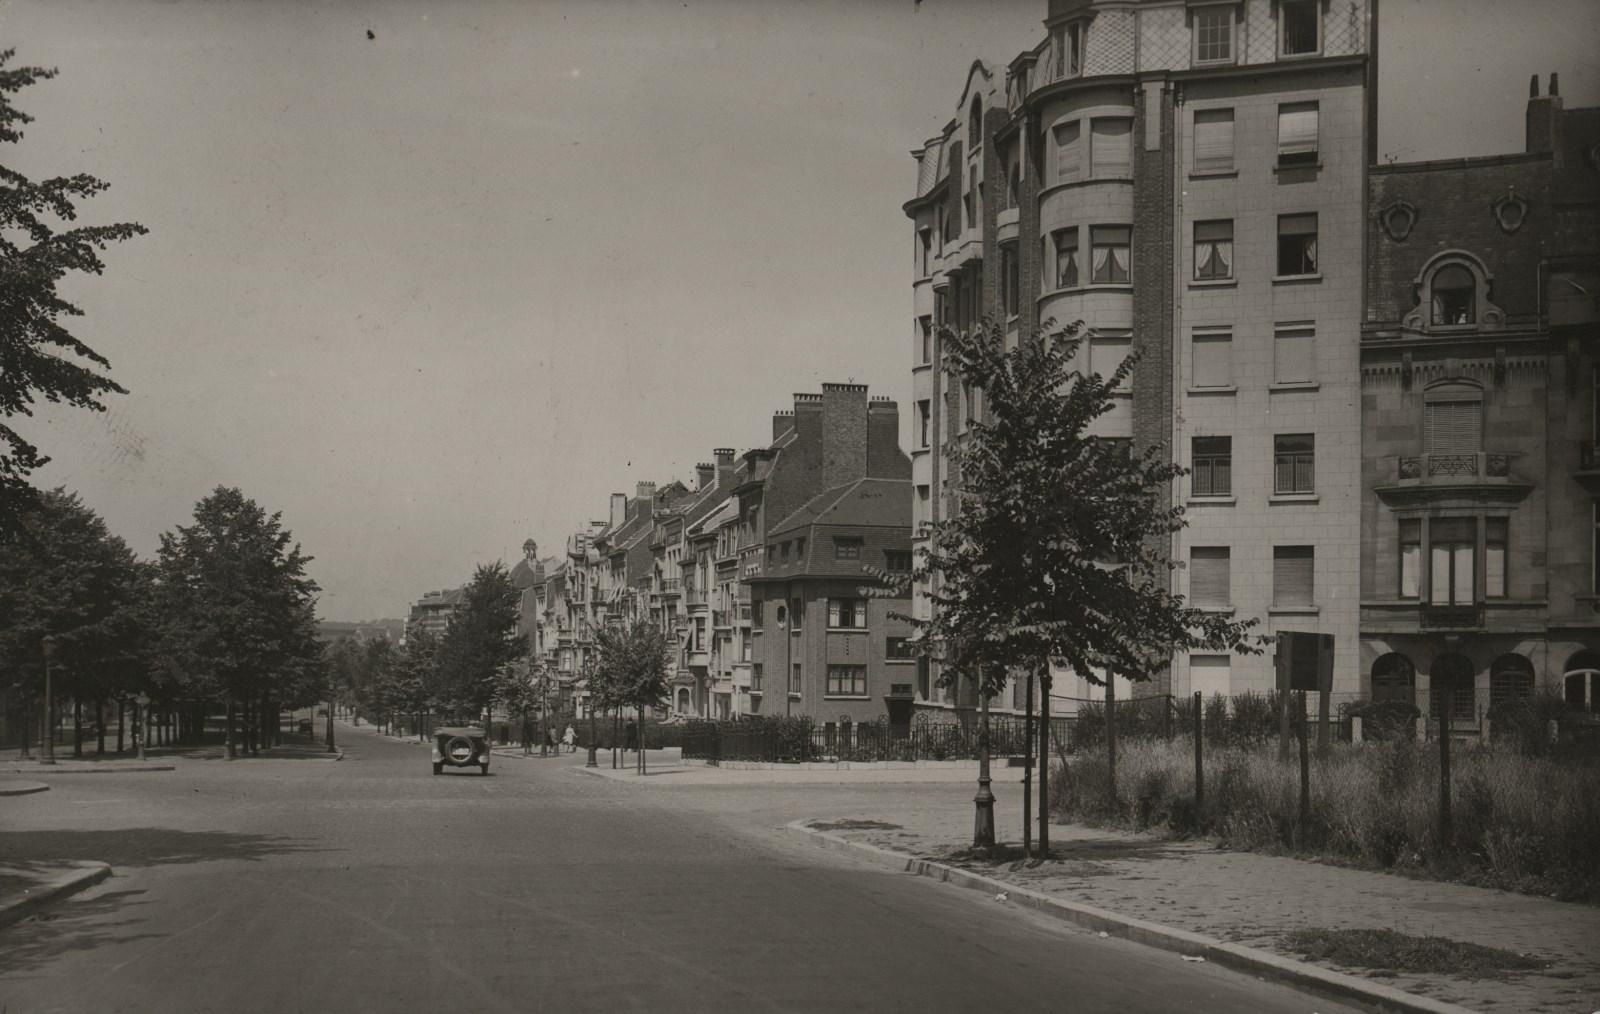 Vue du boulevard Lambermont prise à hauteur de l'avenue Eugène Demolder vers le début de l'artère© AVB/FI